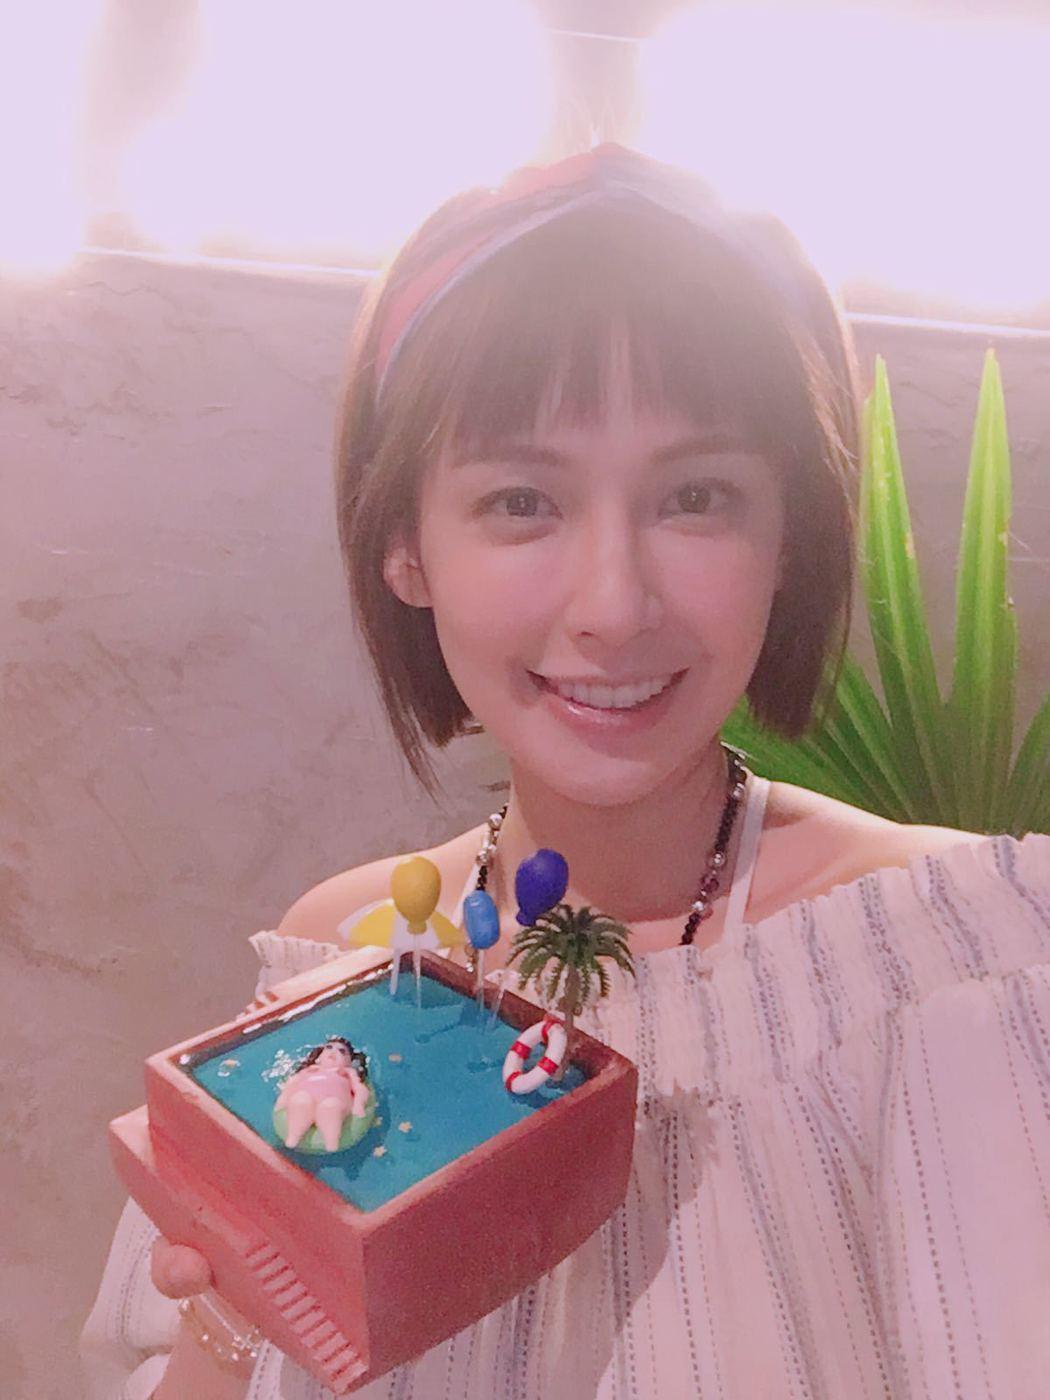 袁艾菲度過驚喜滿滿的生日。圖/艾迪昇提供